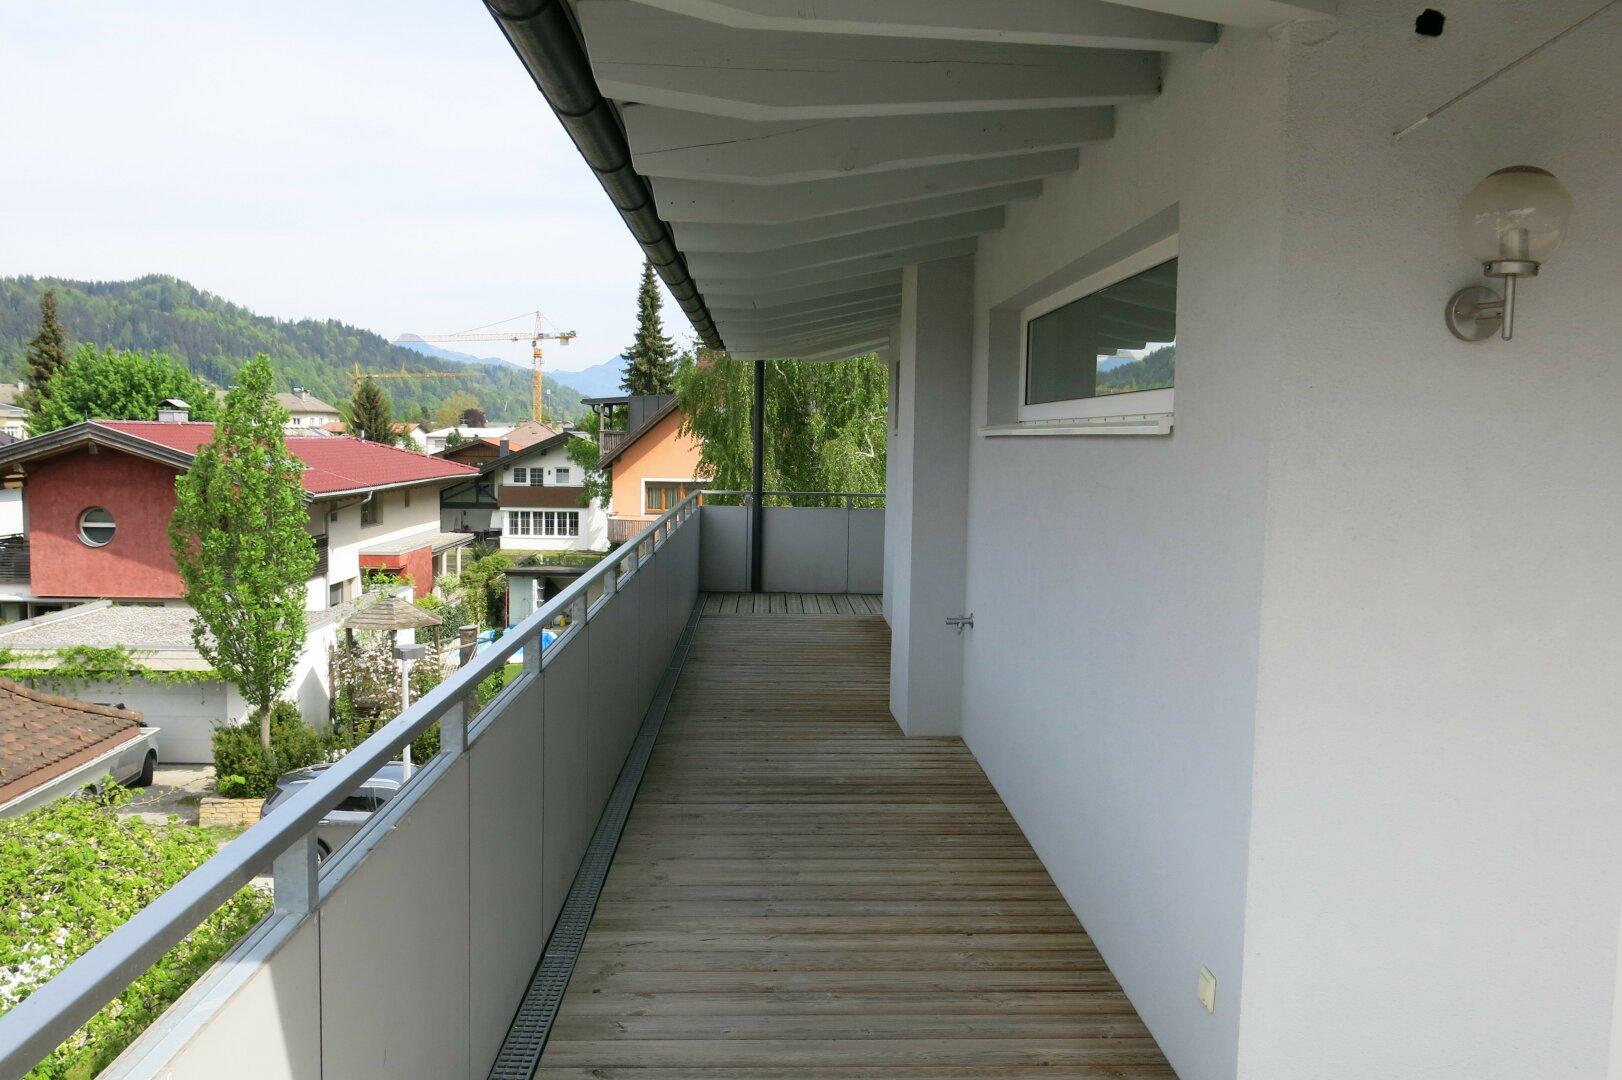 Terrasse, 2-Zimmer Penthousewohnung, Kufstein